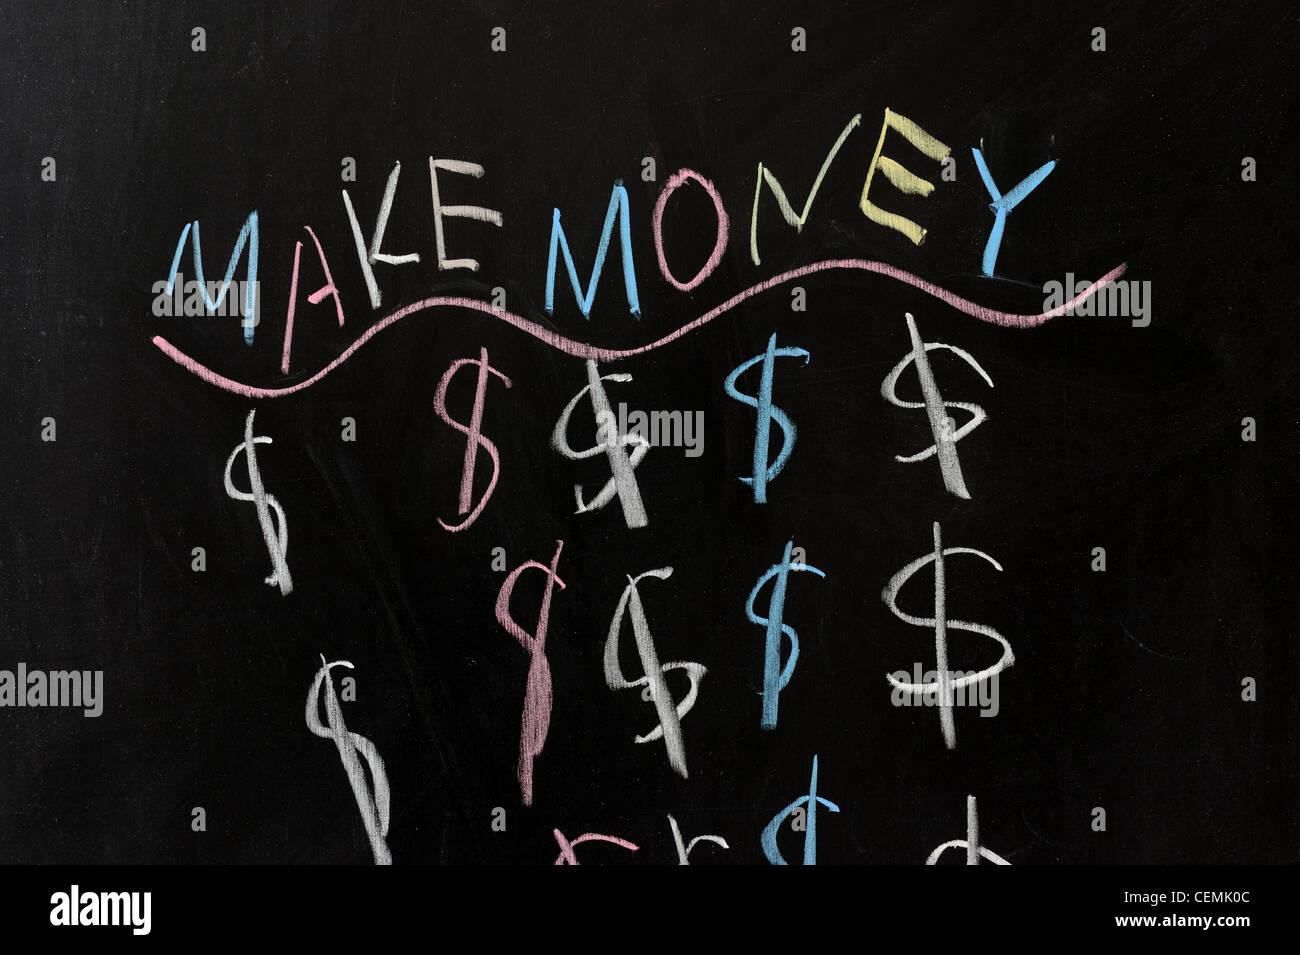 Verdienen Sie Geld - konzeptionelle Kreidezeichnung Stockbild